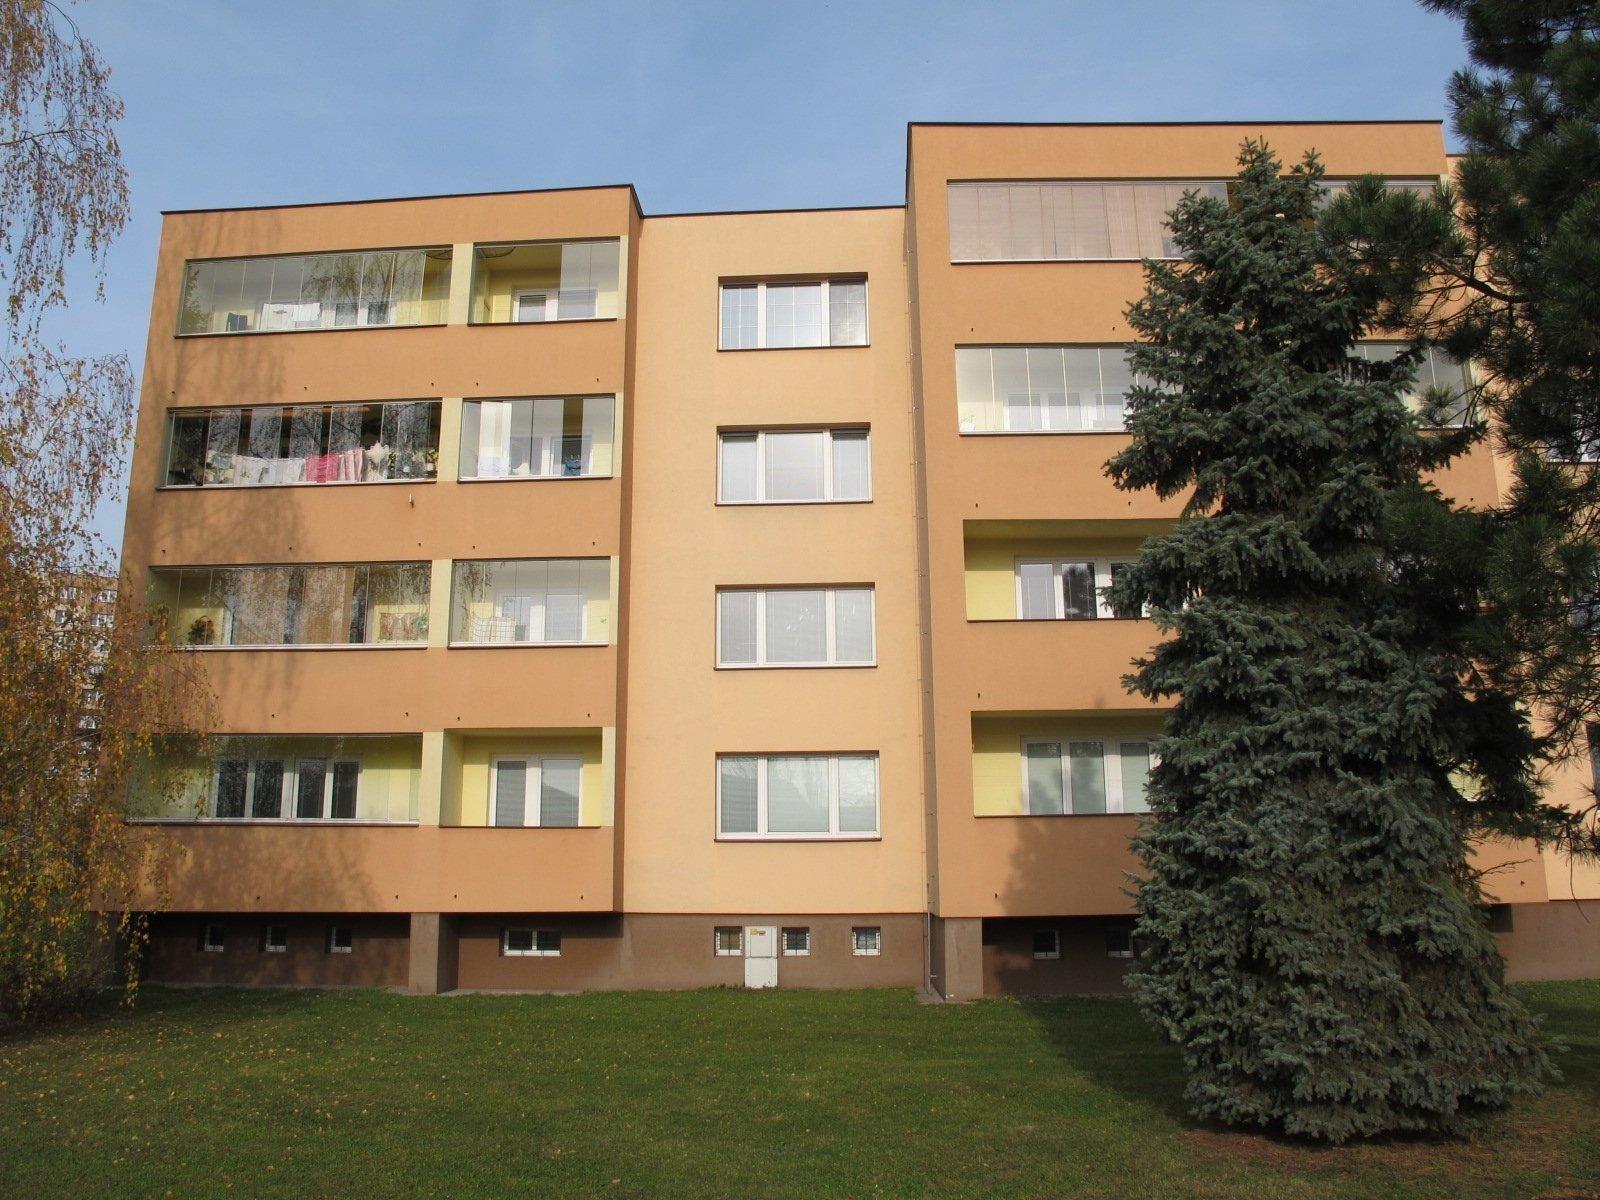 prodej-druzstevniho-bytu-s-lodzii-2-1-56-m2-ostrava-hrabuvka-img-8779-2645cf